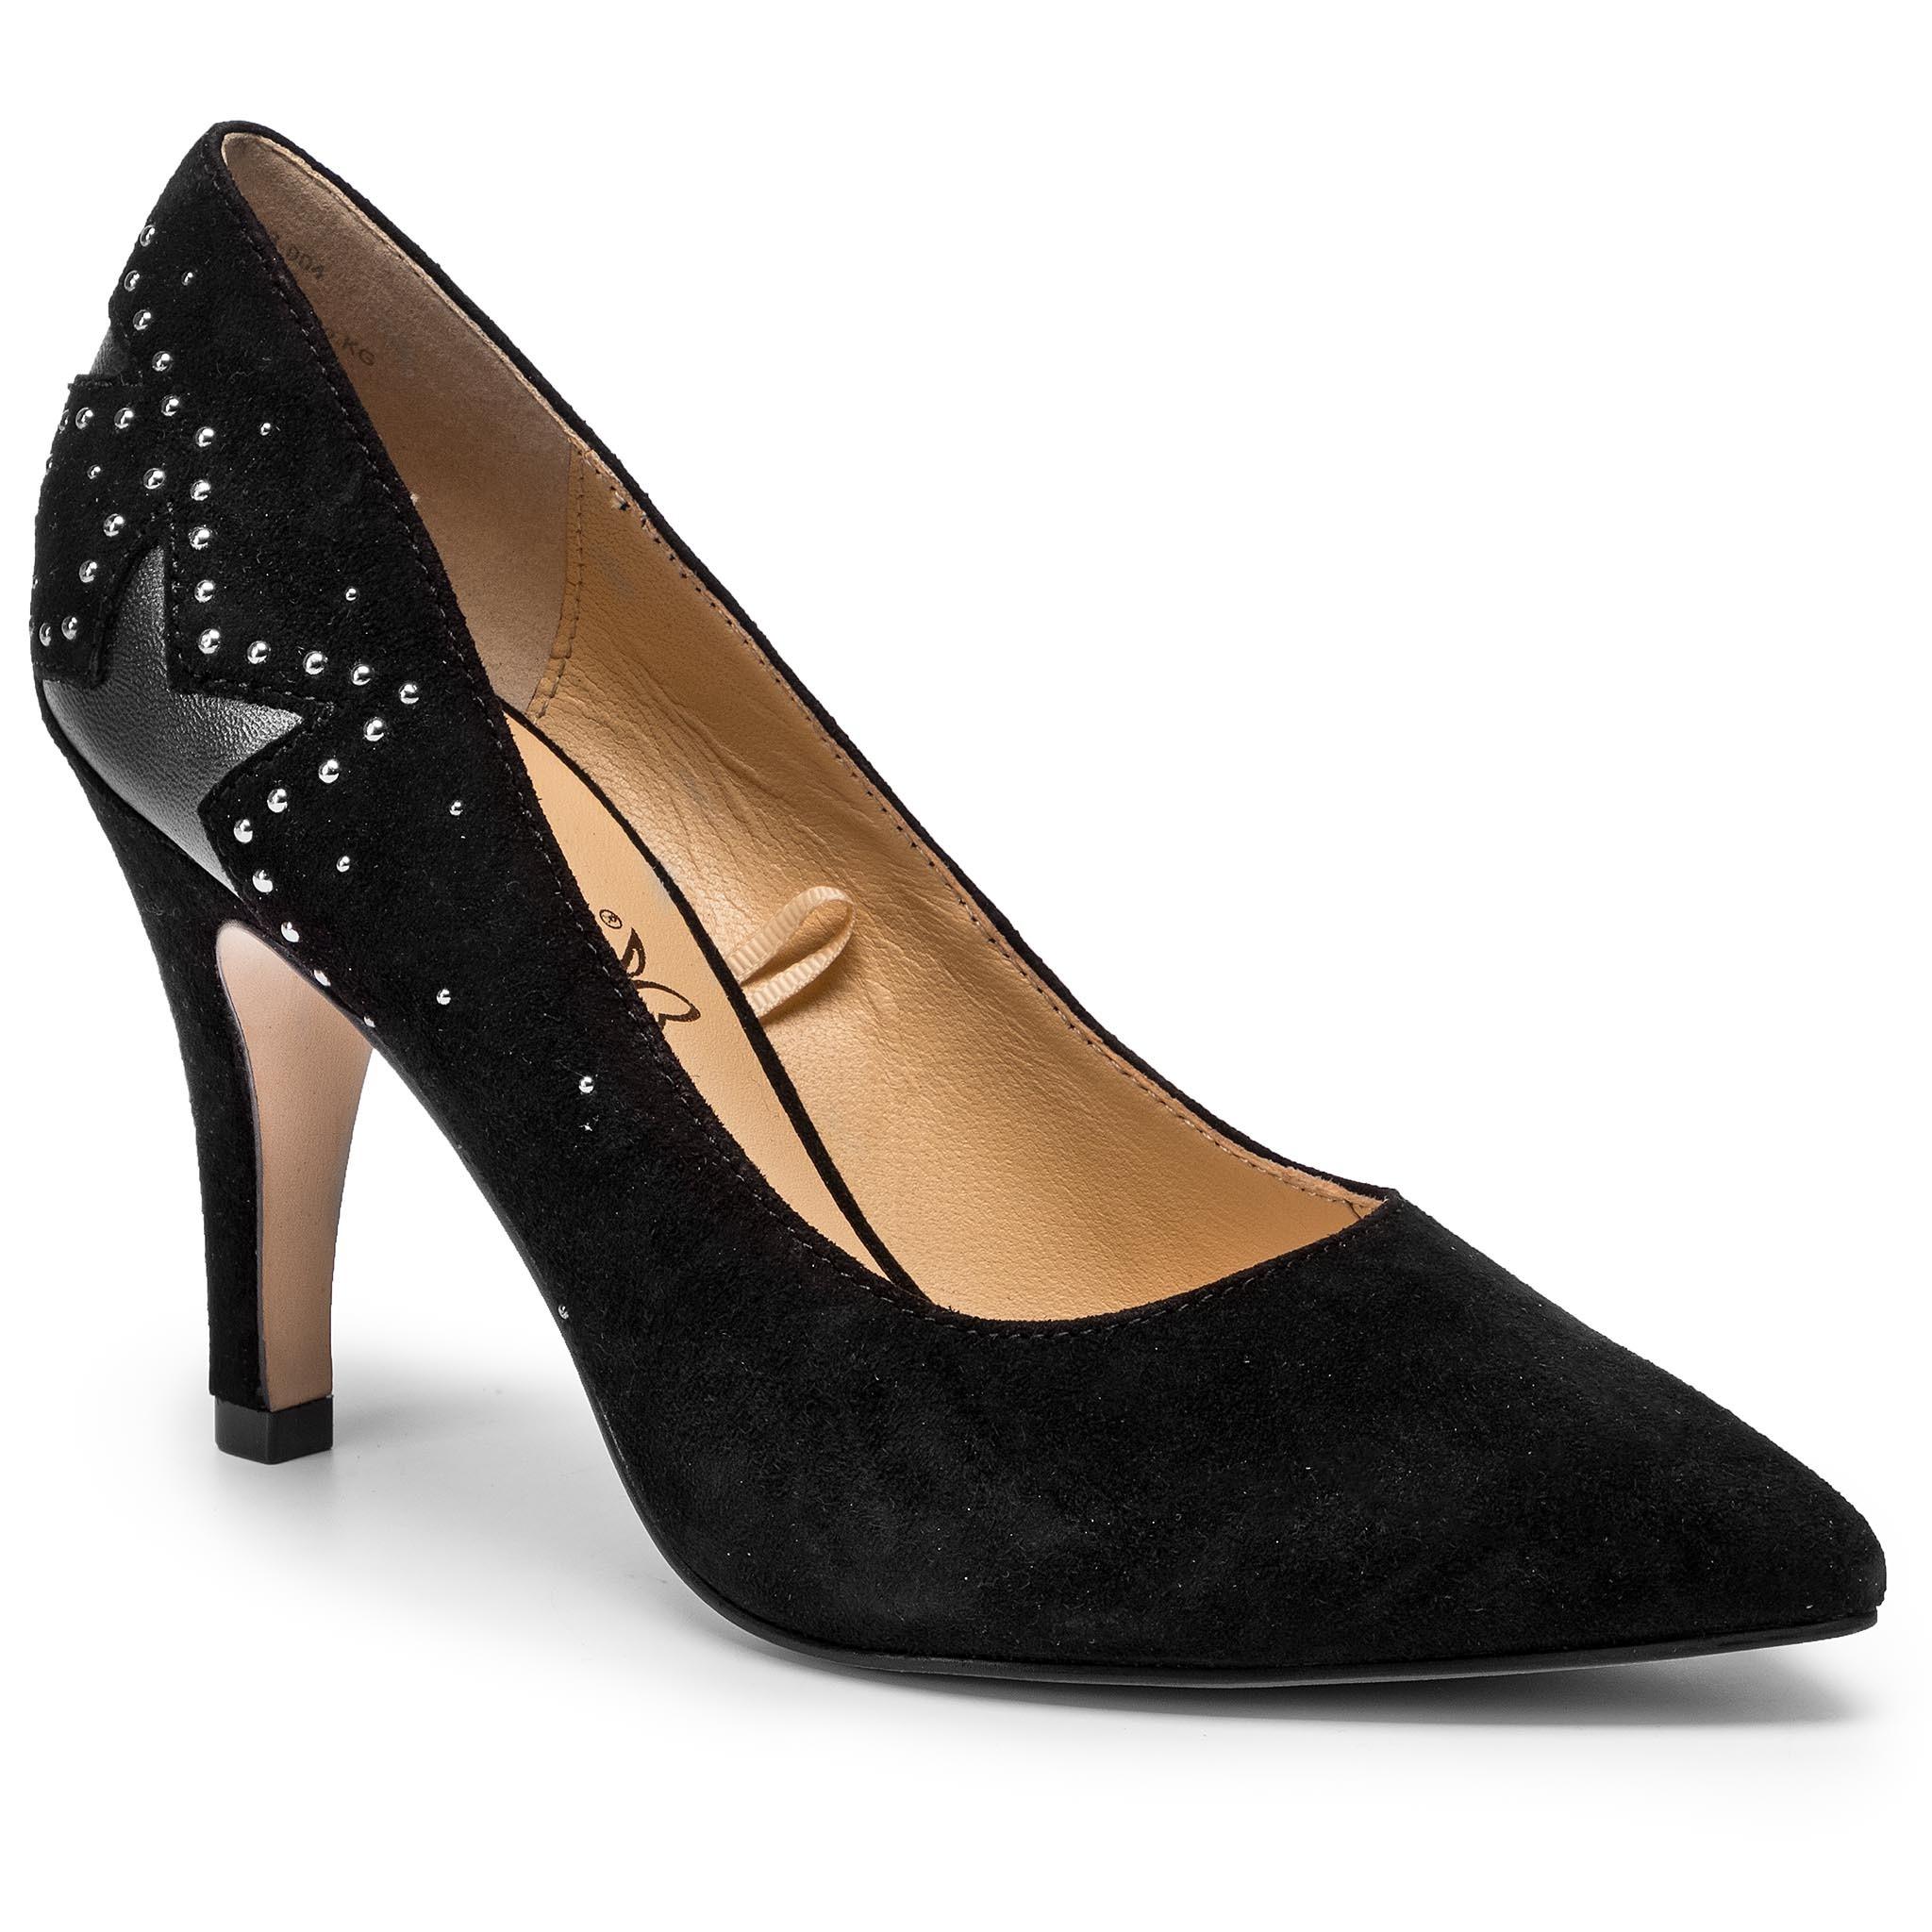 Pantofi cu toc subțire CAPRICE - 9-22405-23 Black Suede 004